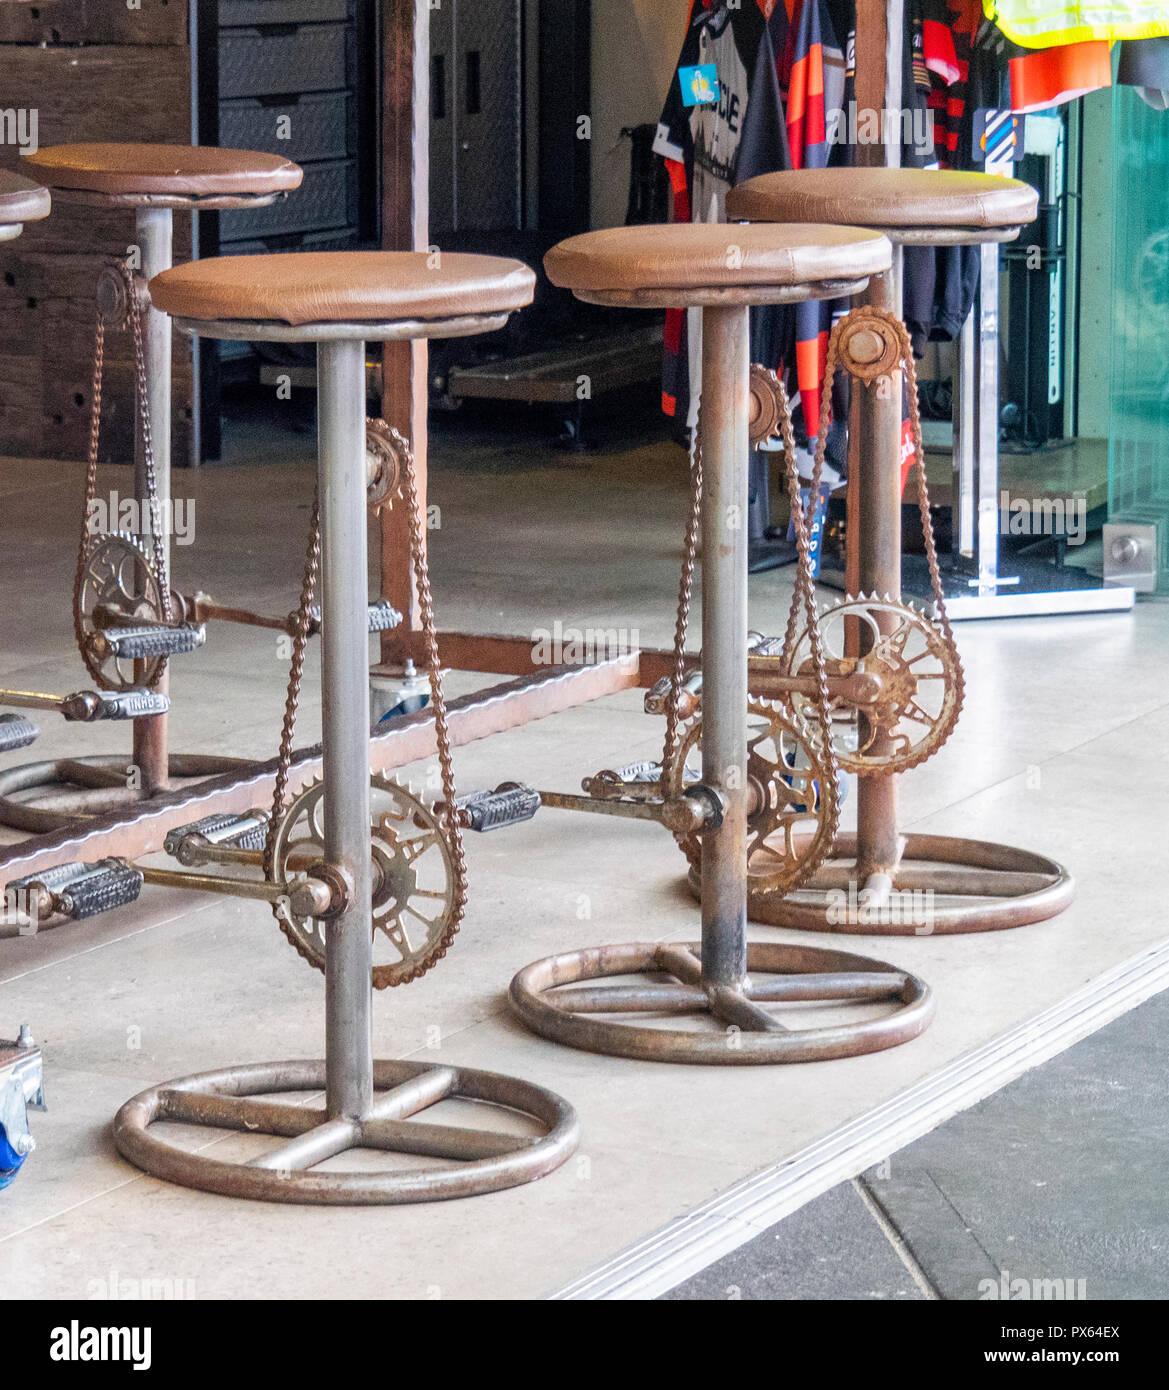 Barhocker Mit Pedalen Und Ein Fahrrad Kette In Einem Coffee Shop In Sydney Nsw Australien Stockfotografie Alamy